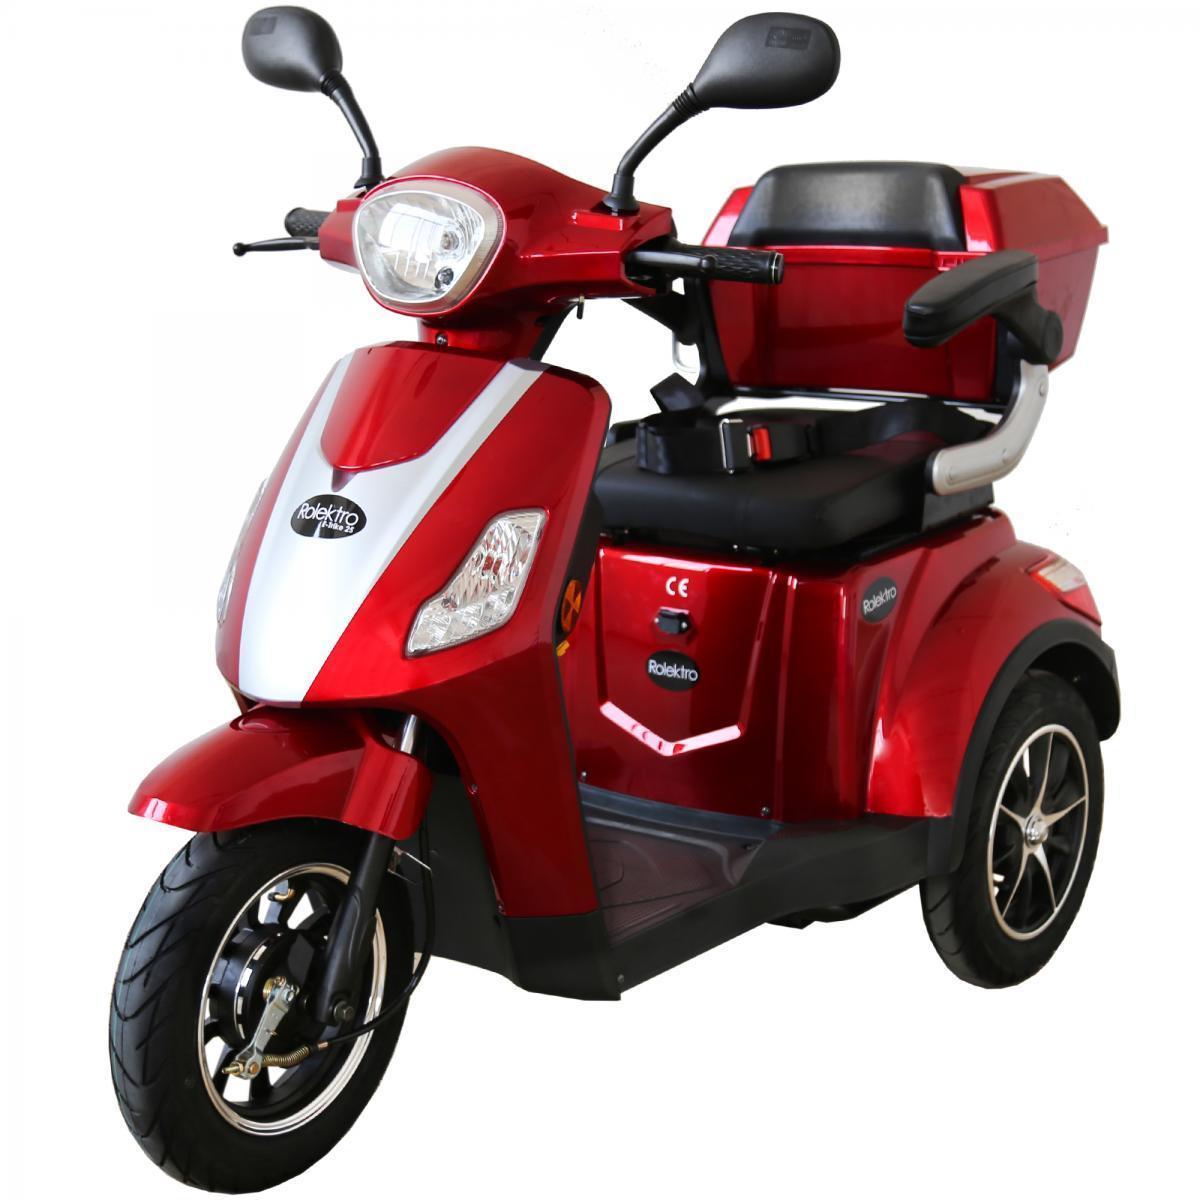 Bild 1 von Rolektro E-Trike 25 V.2, Rot, 1000 Watt